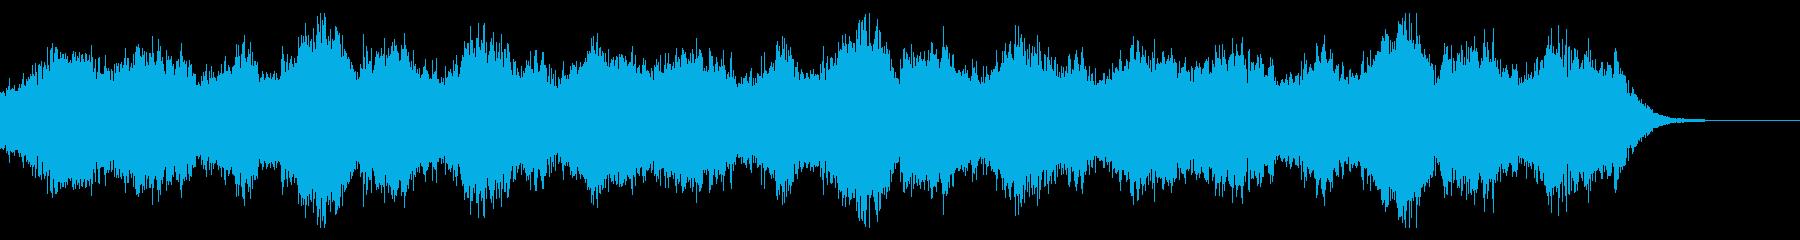 ダーク、怪しい、ホラー、シンセ、環境音楽の再生済みの波形